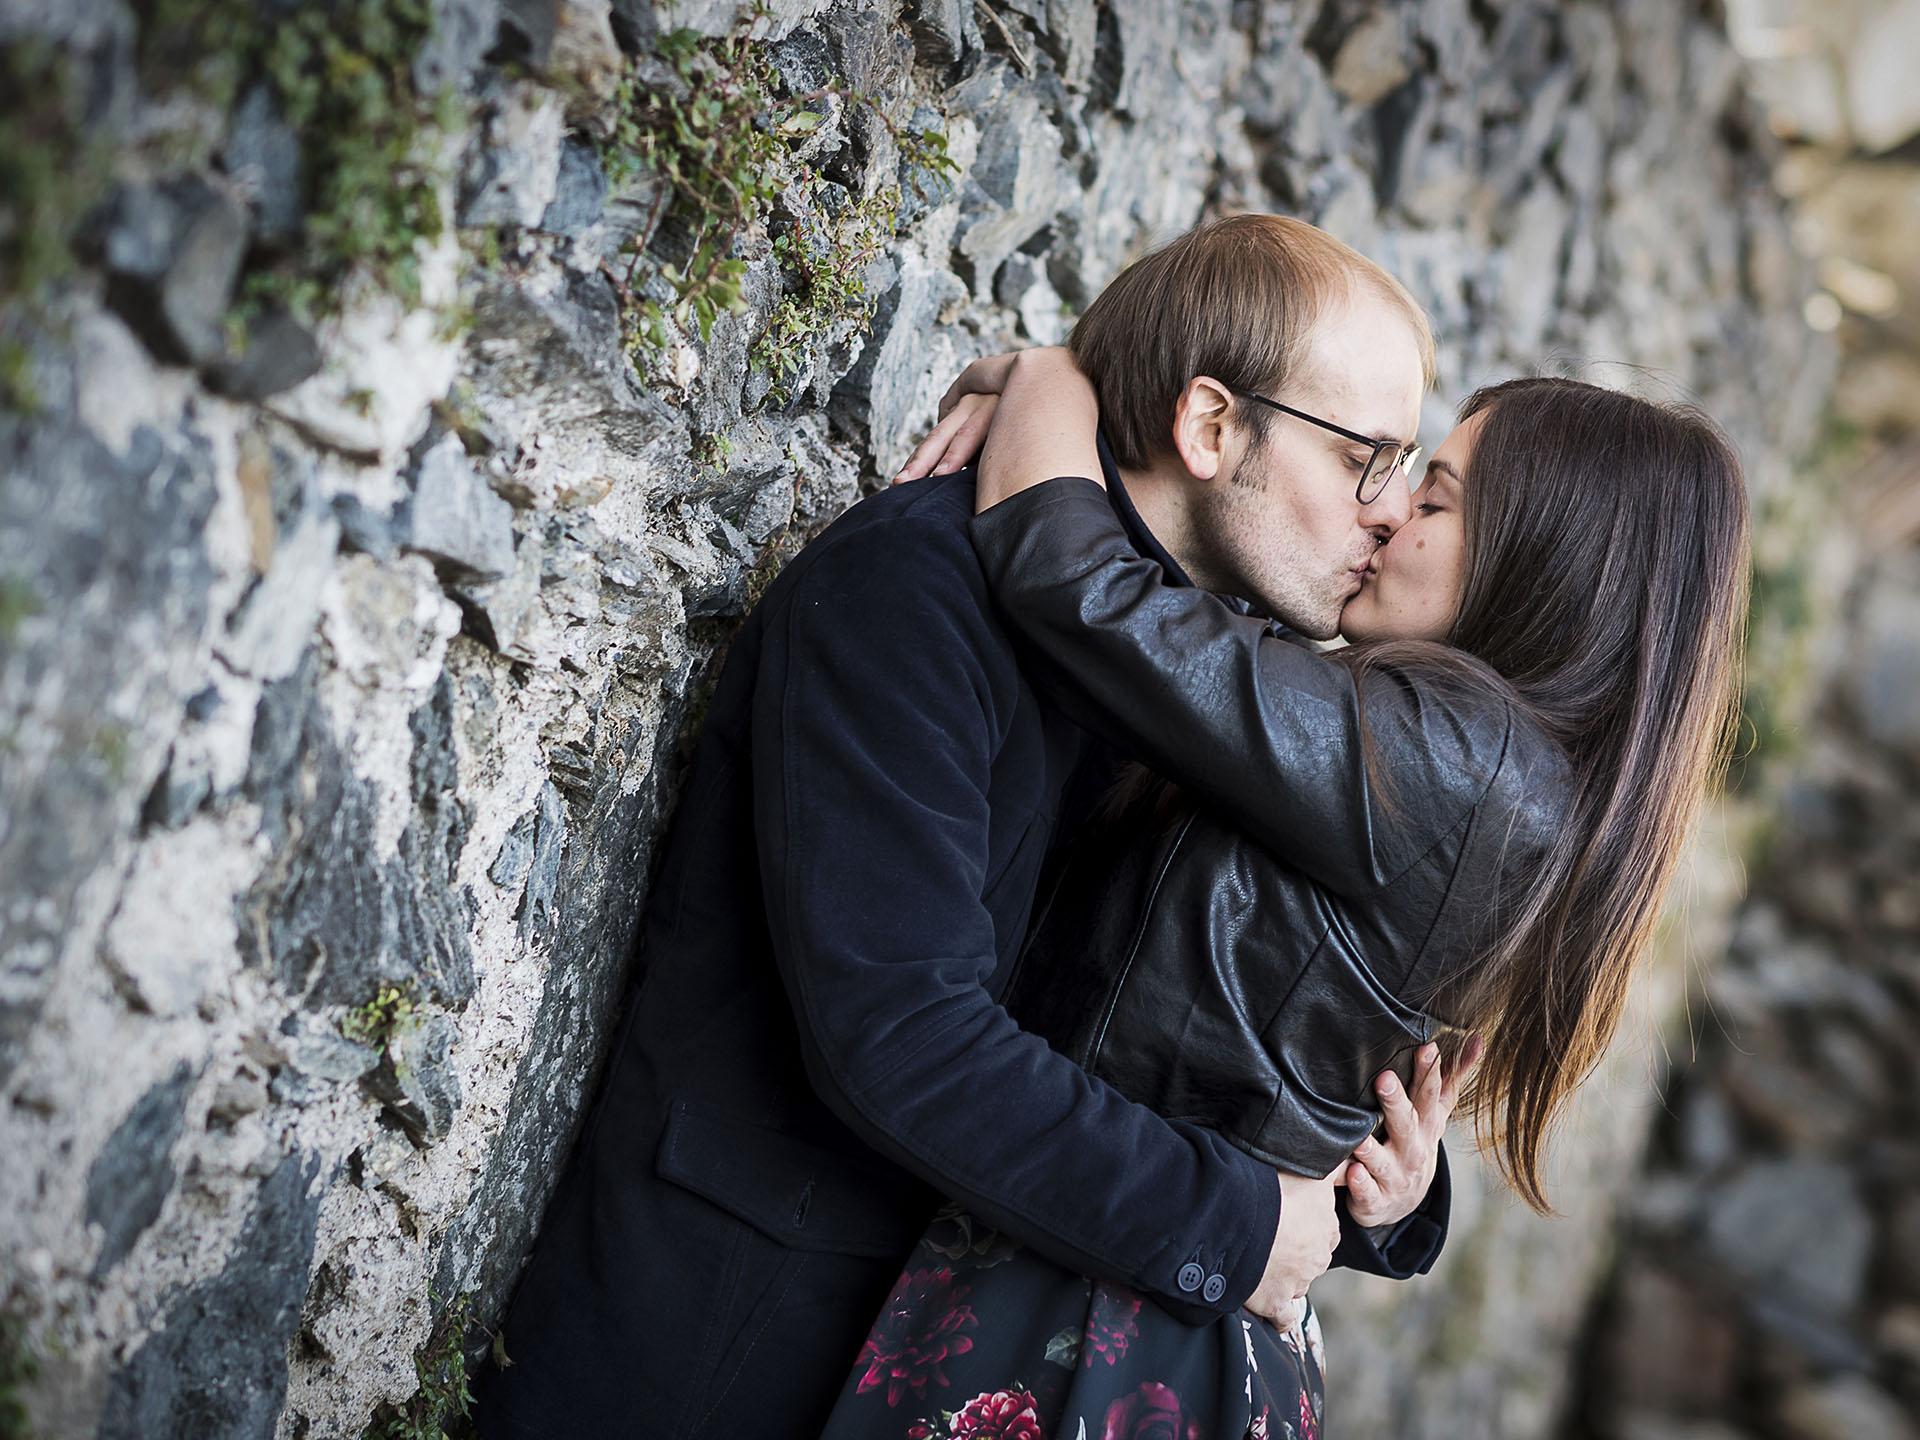 Servizio You and Me - servizio fotografico Engagement session. Servizio You and Me - Servizio fotografico per fidanzati, sposi, compagni ed amici.